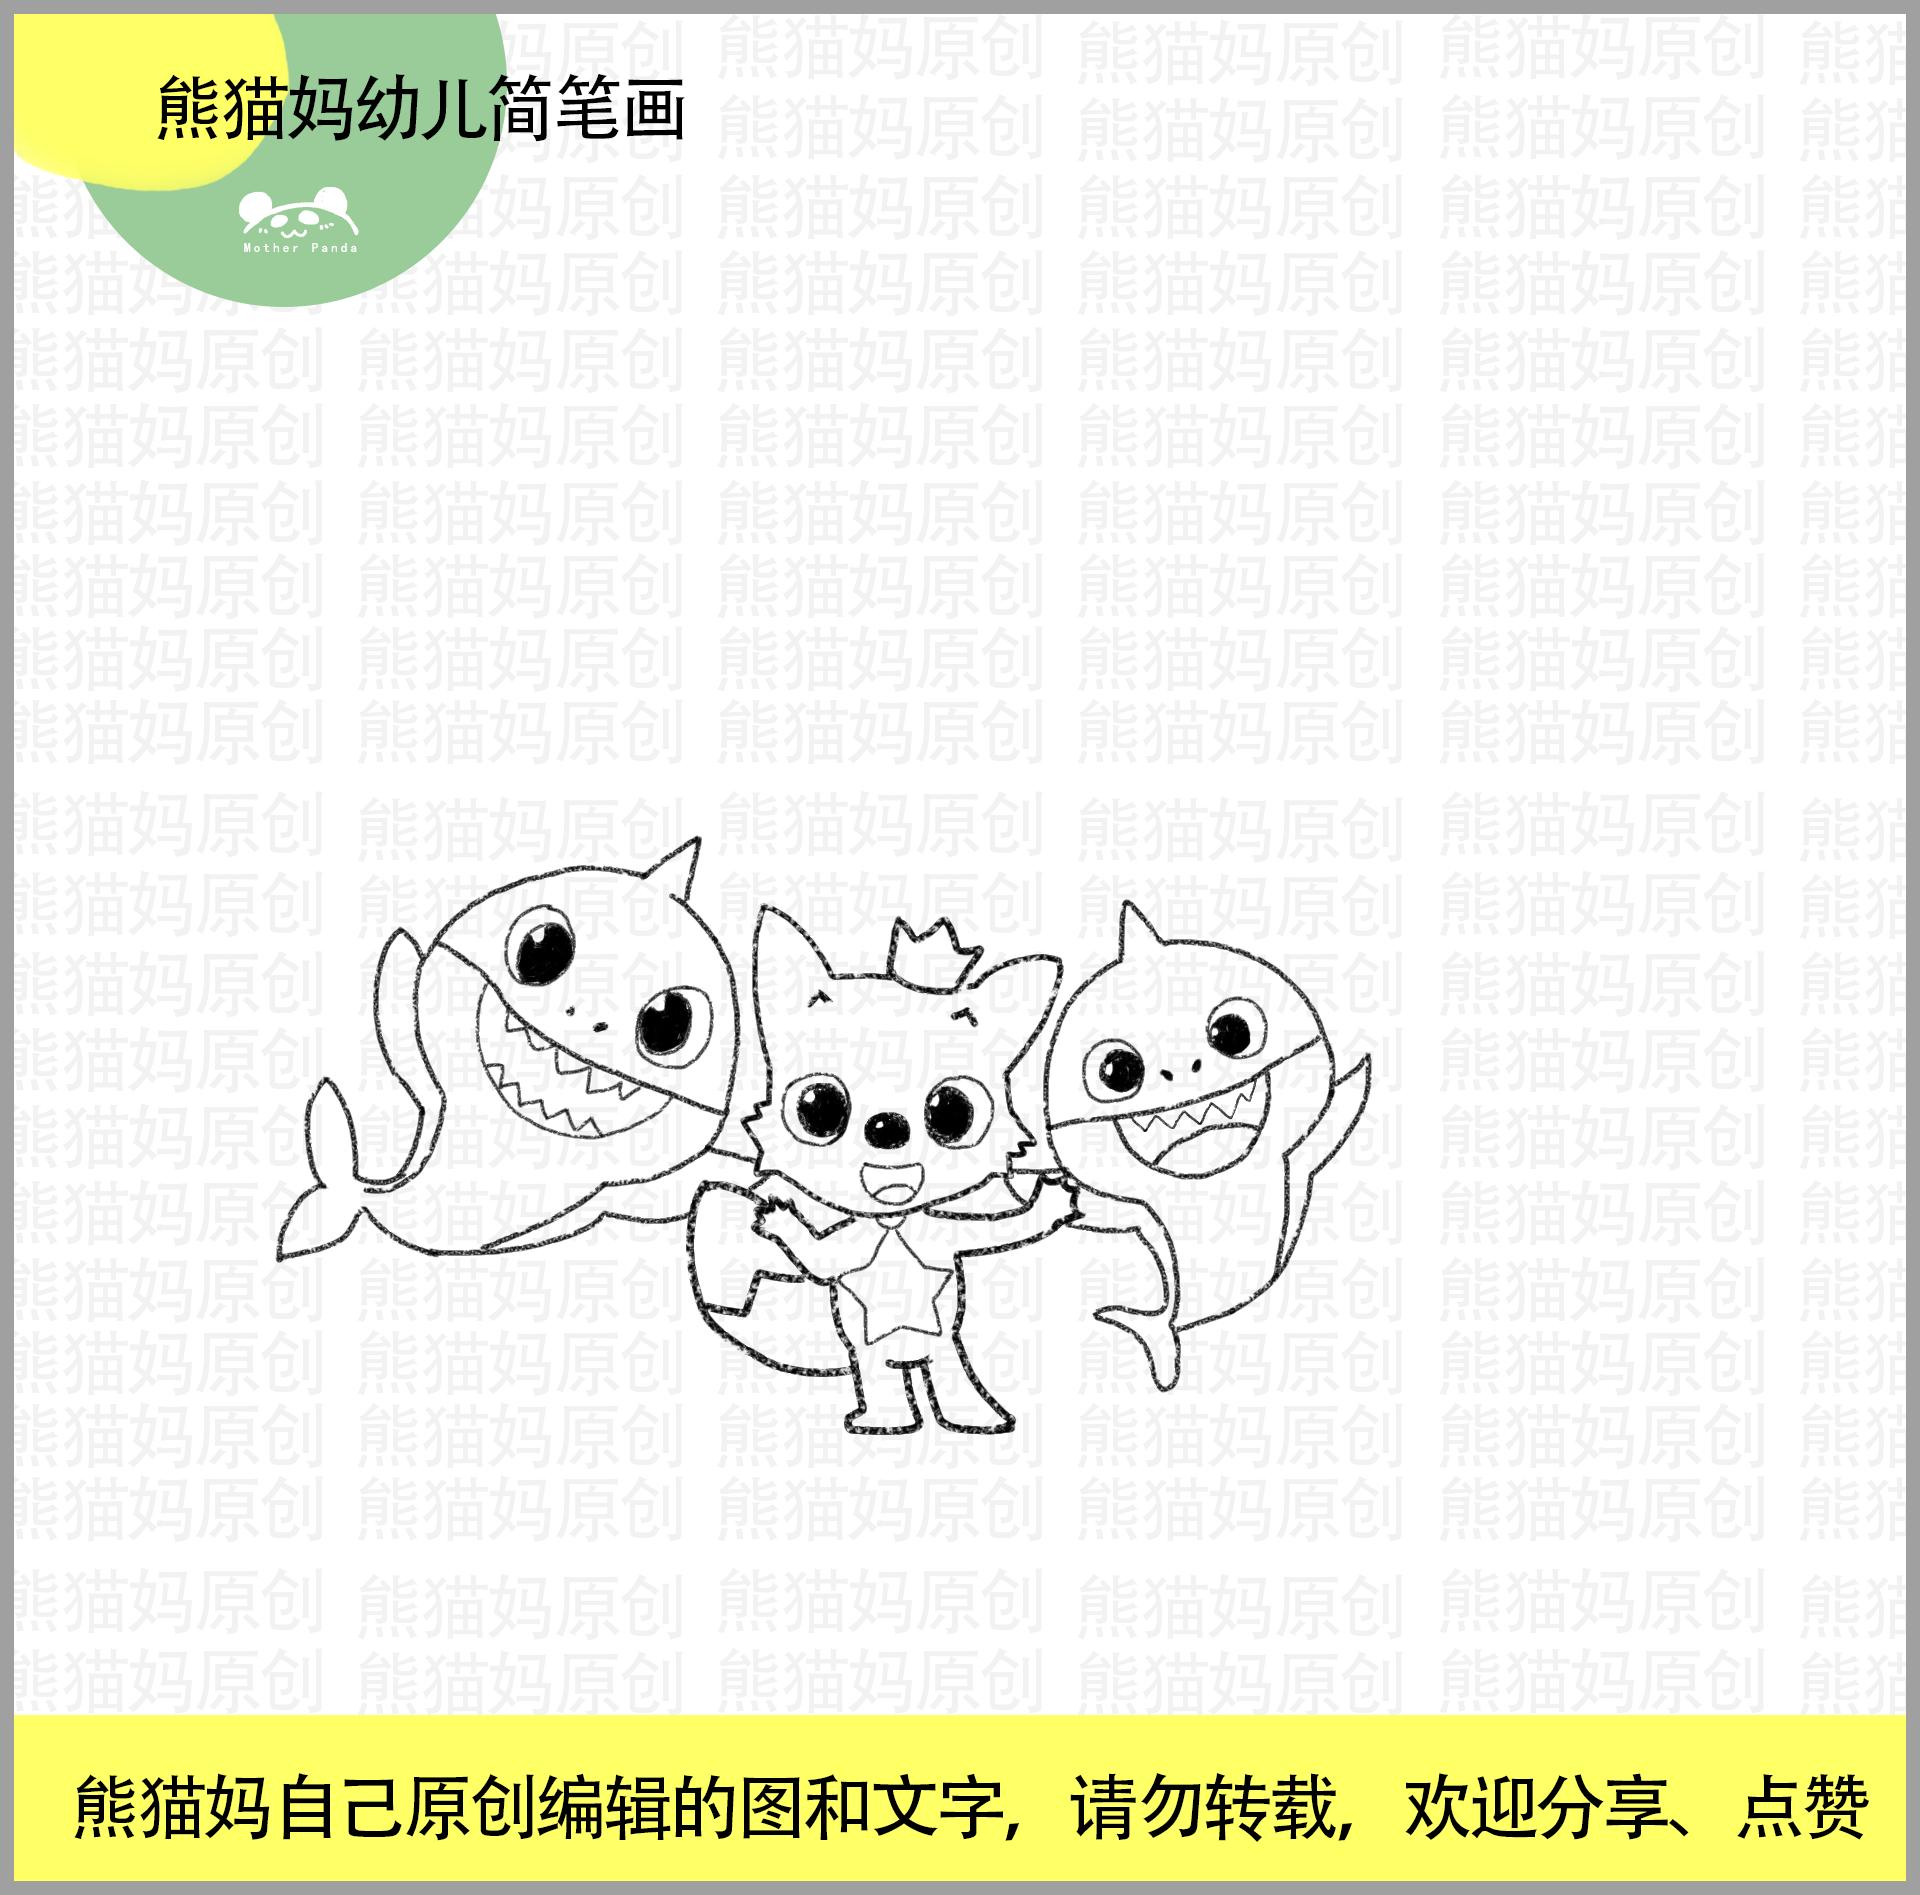 亲子幼儿简笔画:鲨鱼宝宝一家人来咯!不仅是哼唱,还要